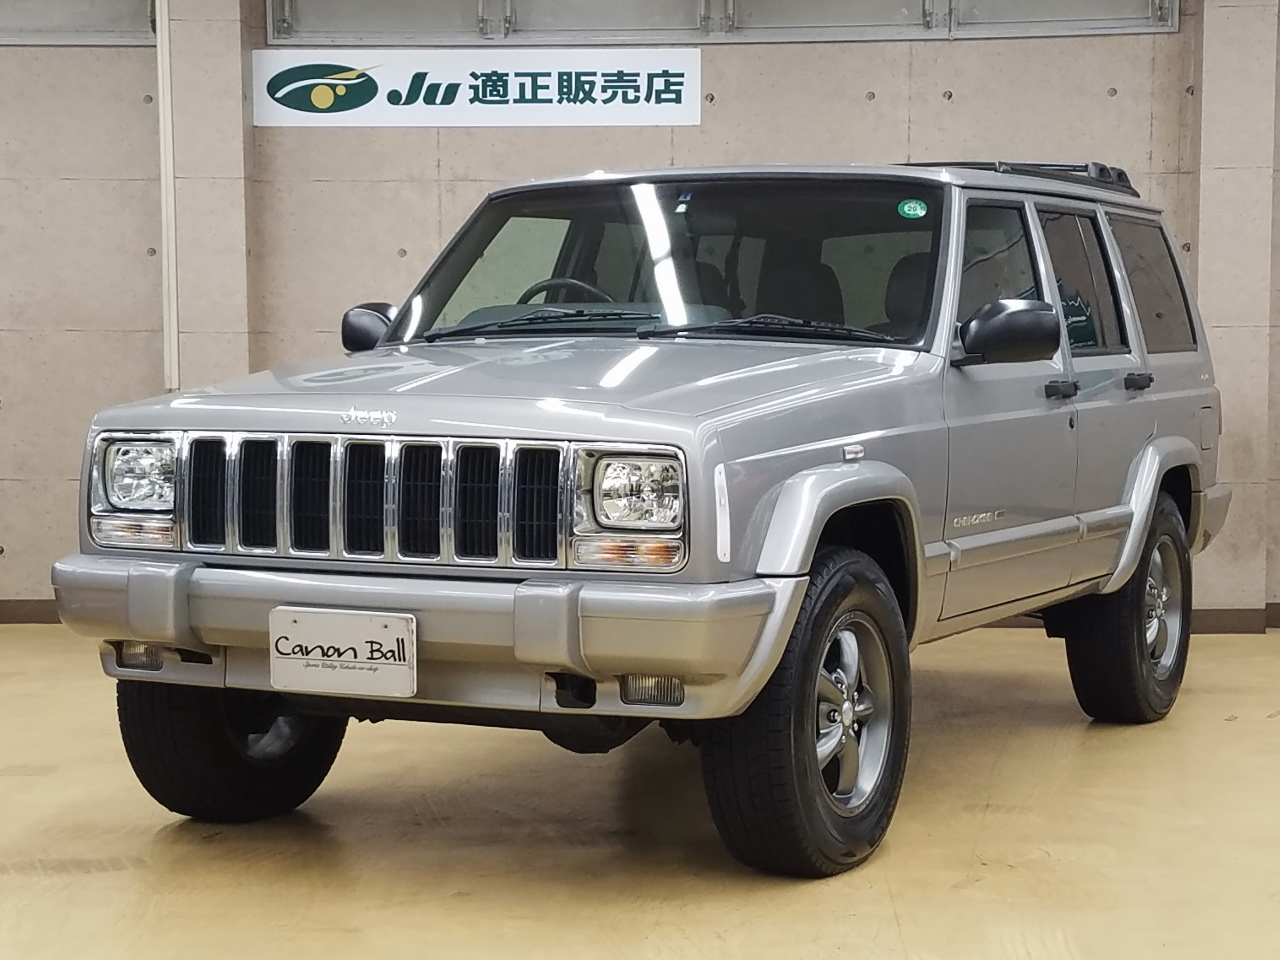 LTD 黒本革シート&ウッドインテリア インダッシュ式HDDナビ一体機 XJ型Jeep最終モデル